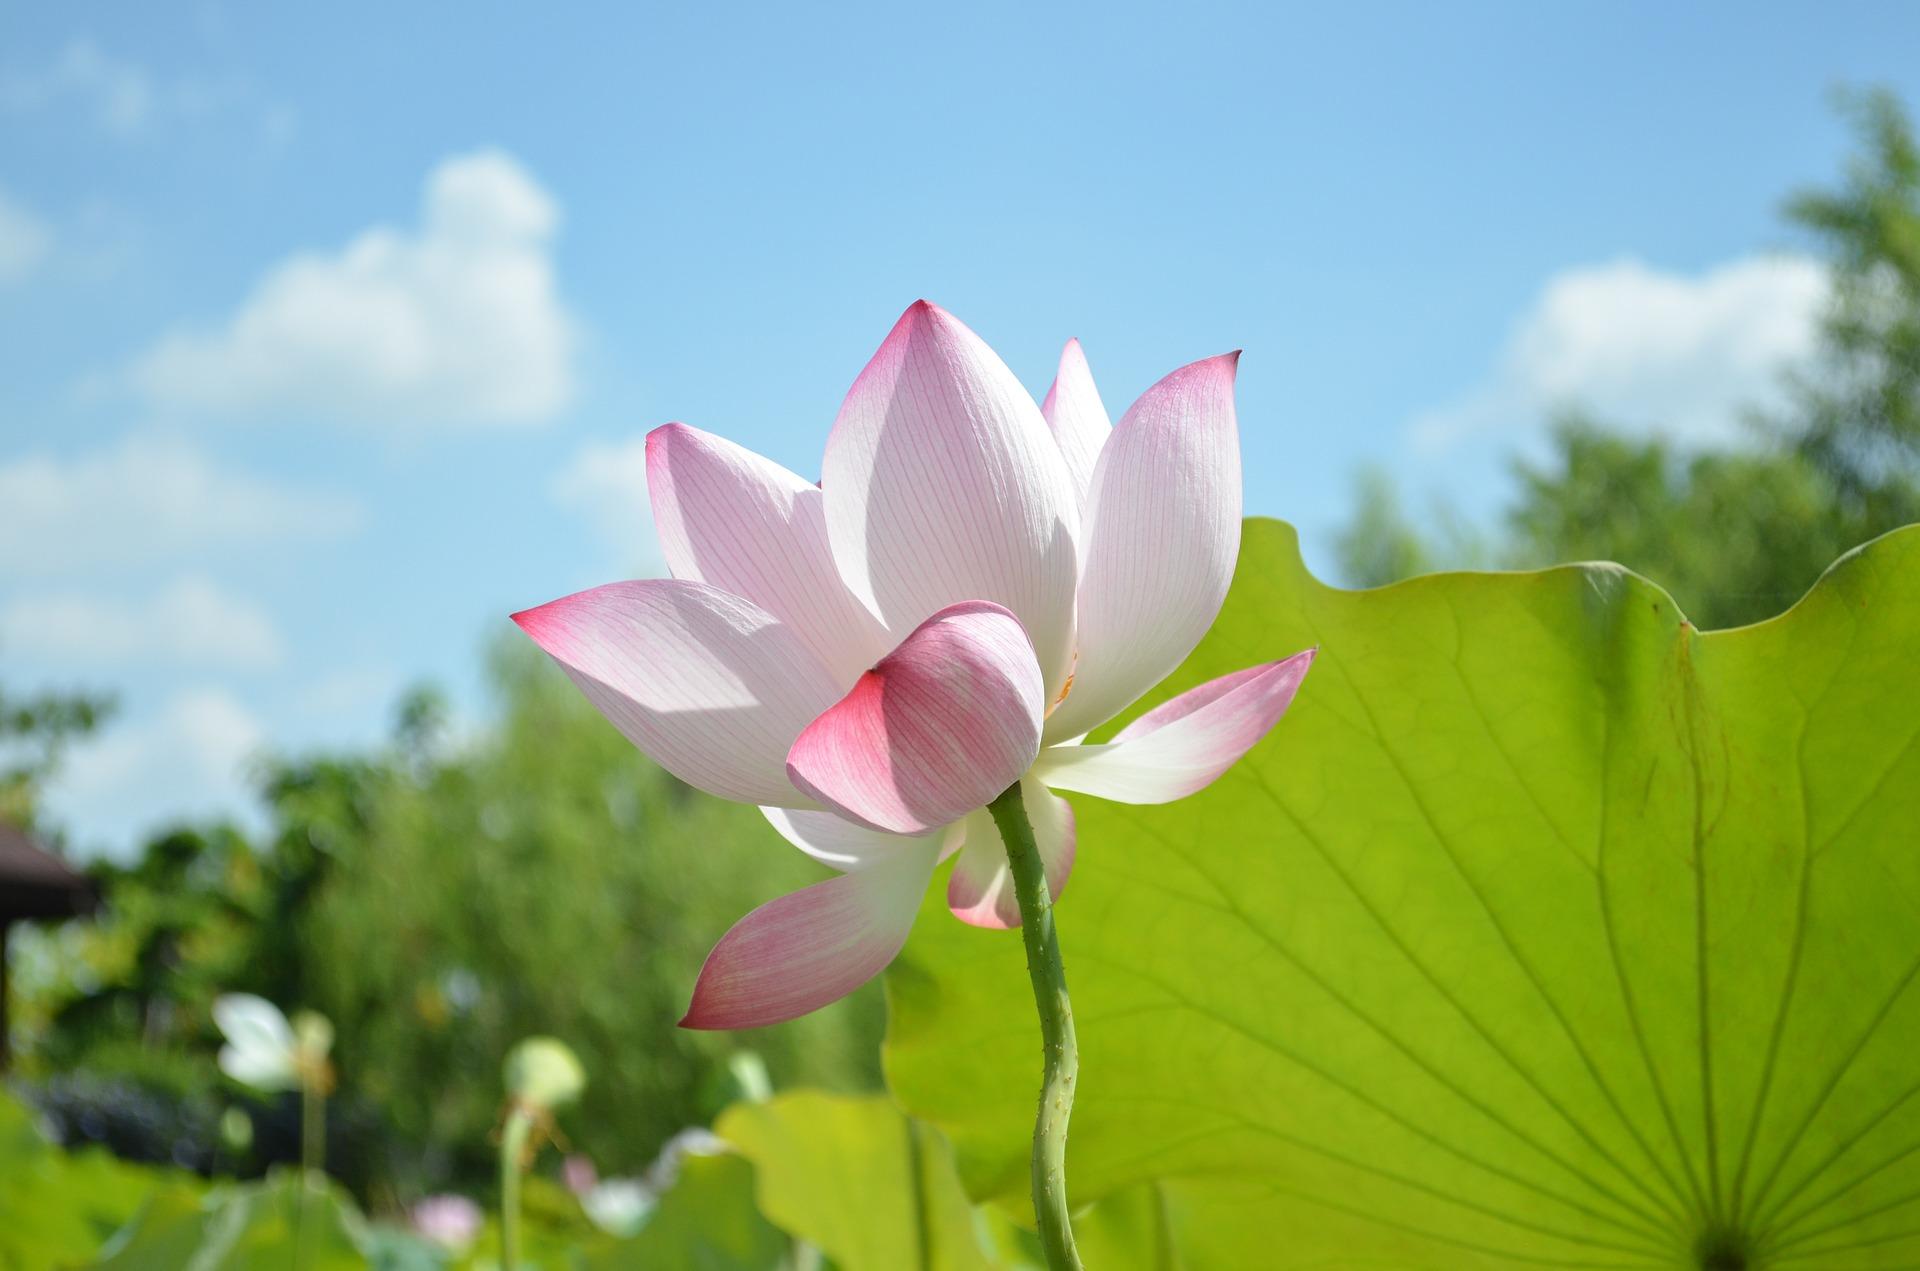 lotus-746700_1920